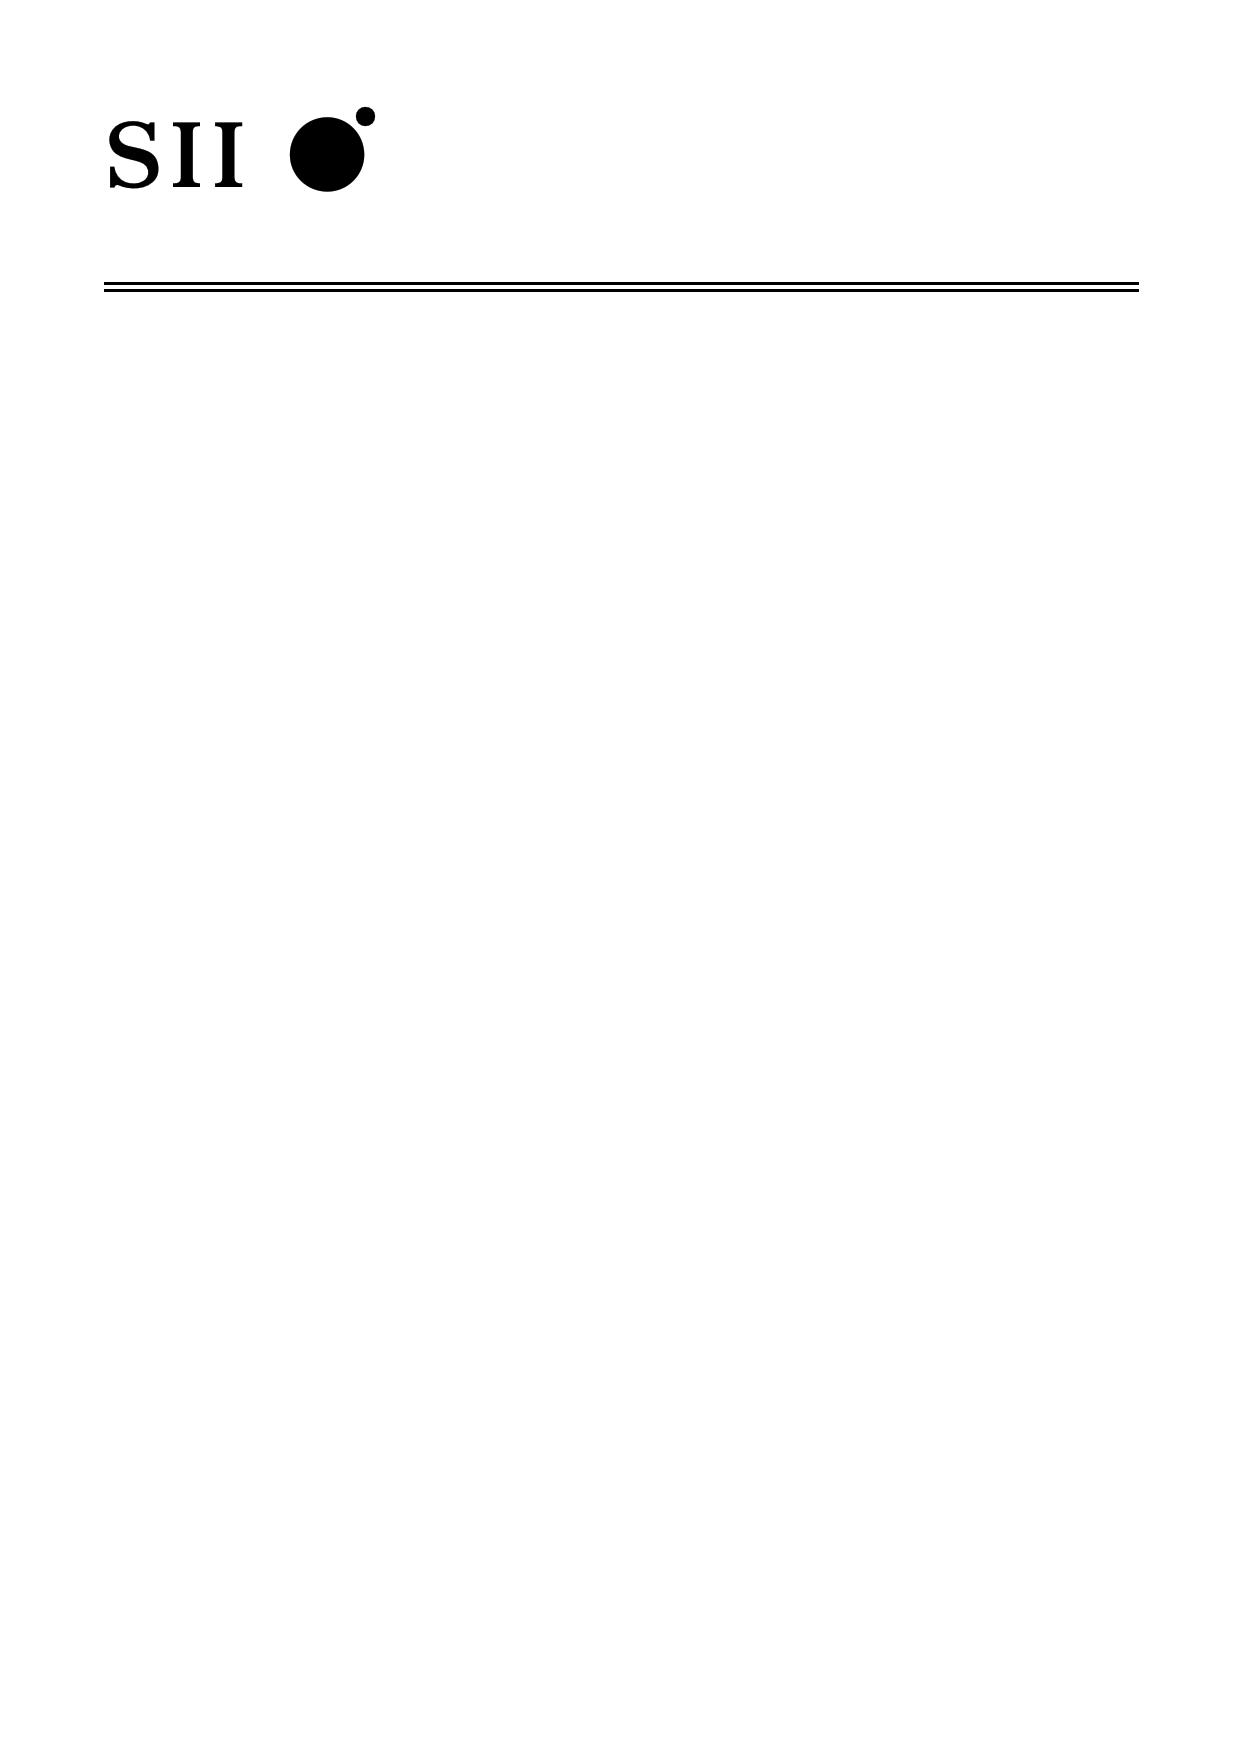 S-1122 datasheet